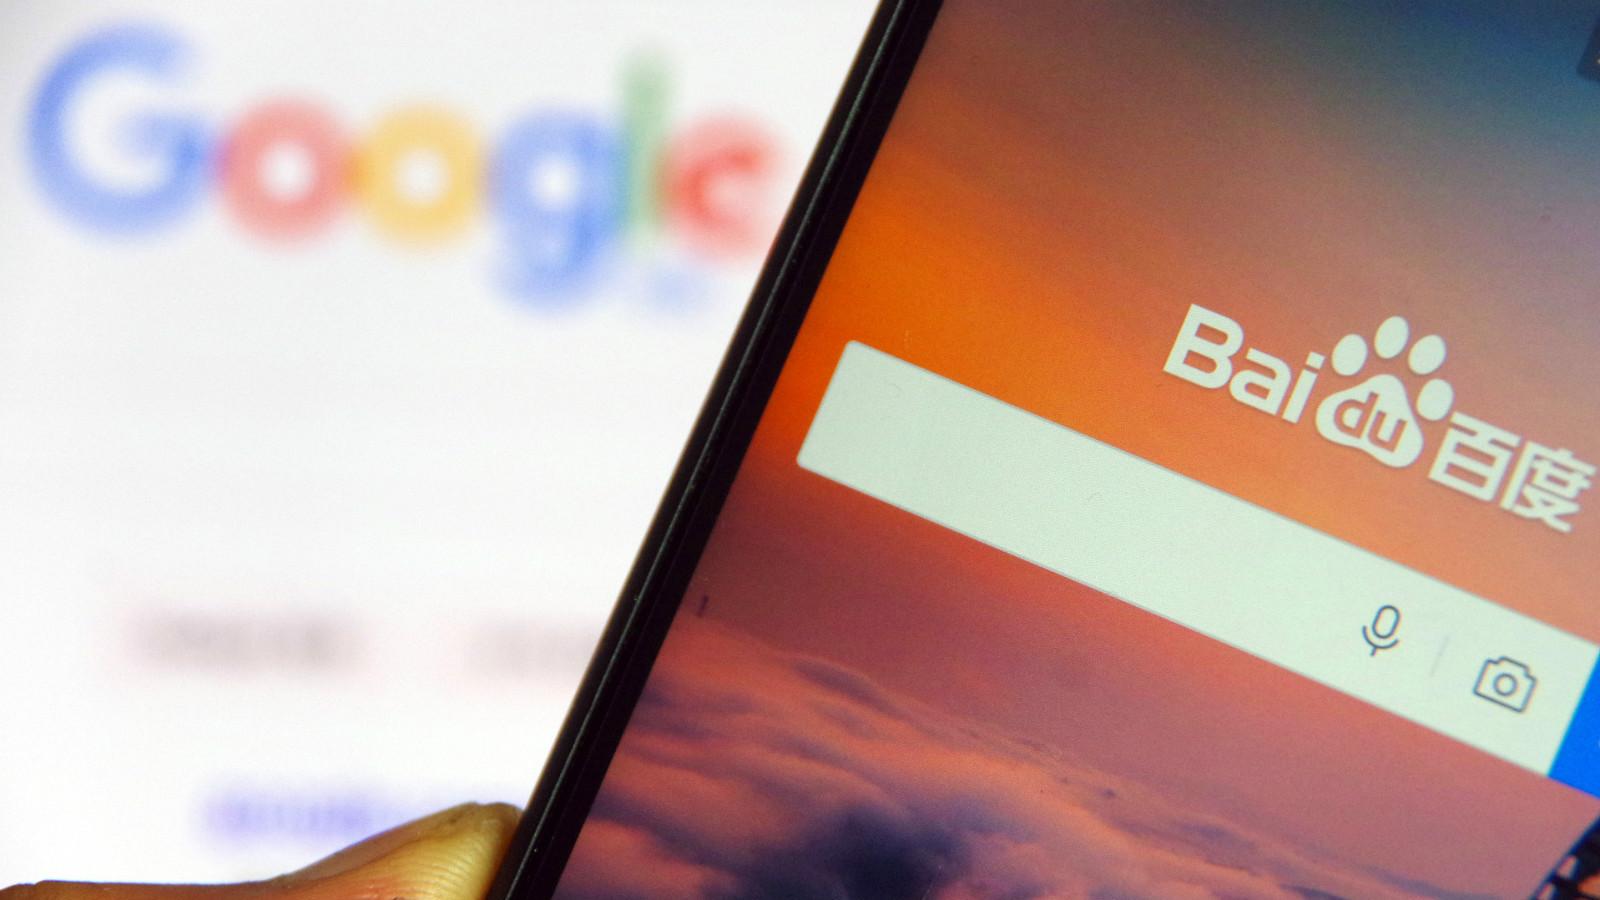 Google 的「蜻蜓」仍在更新代码,我们究竟需要一个怎样的搜索引擎?